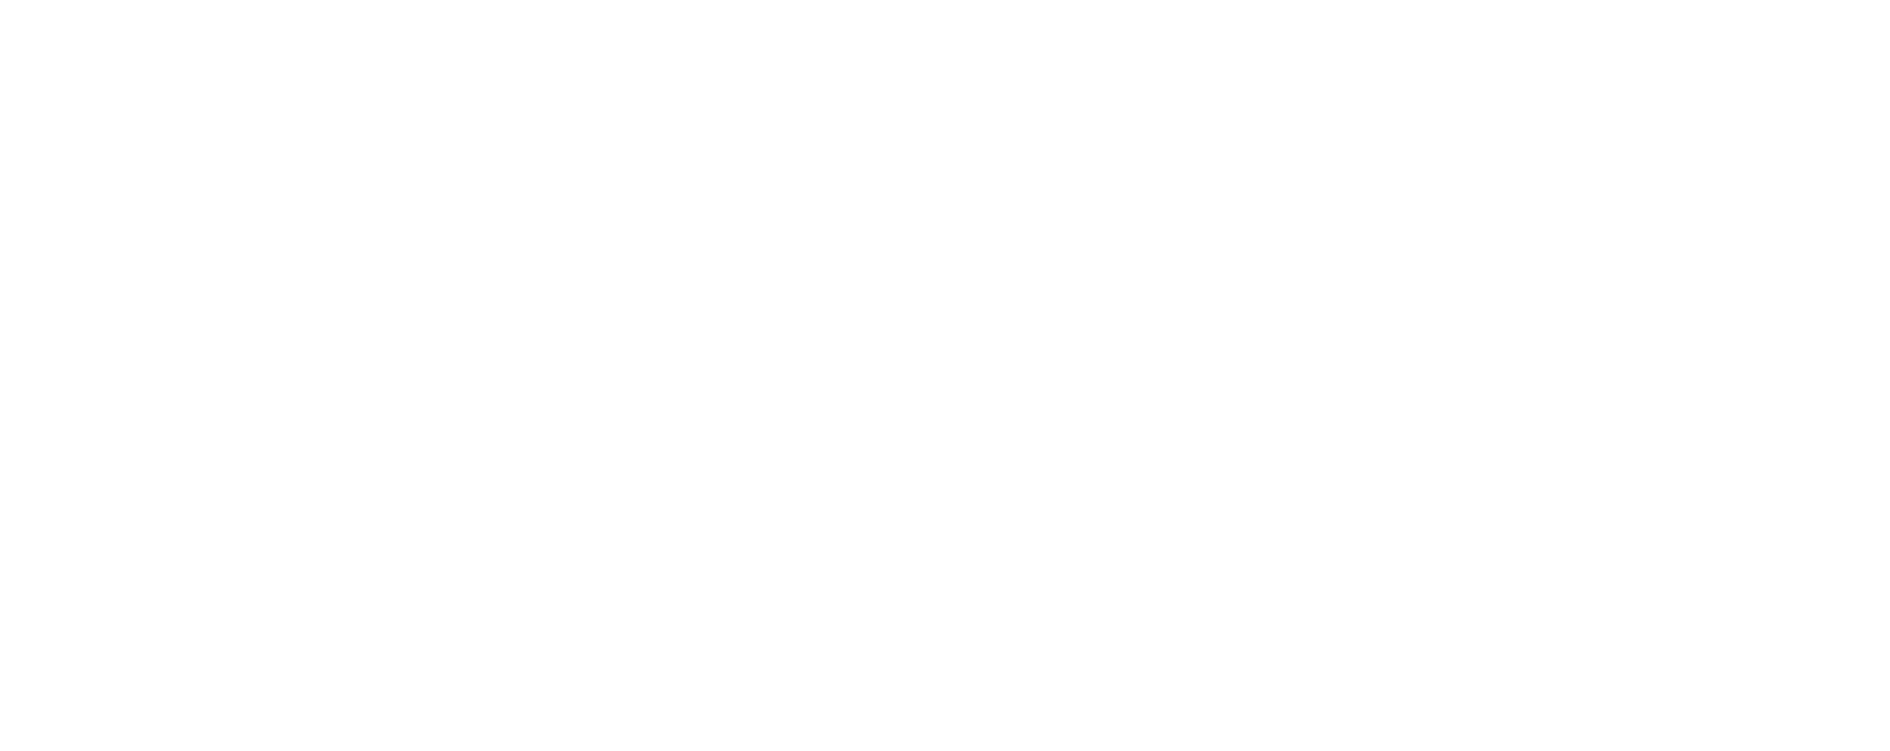 R&NV Consultoria